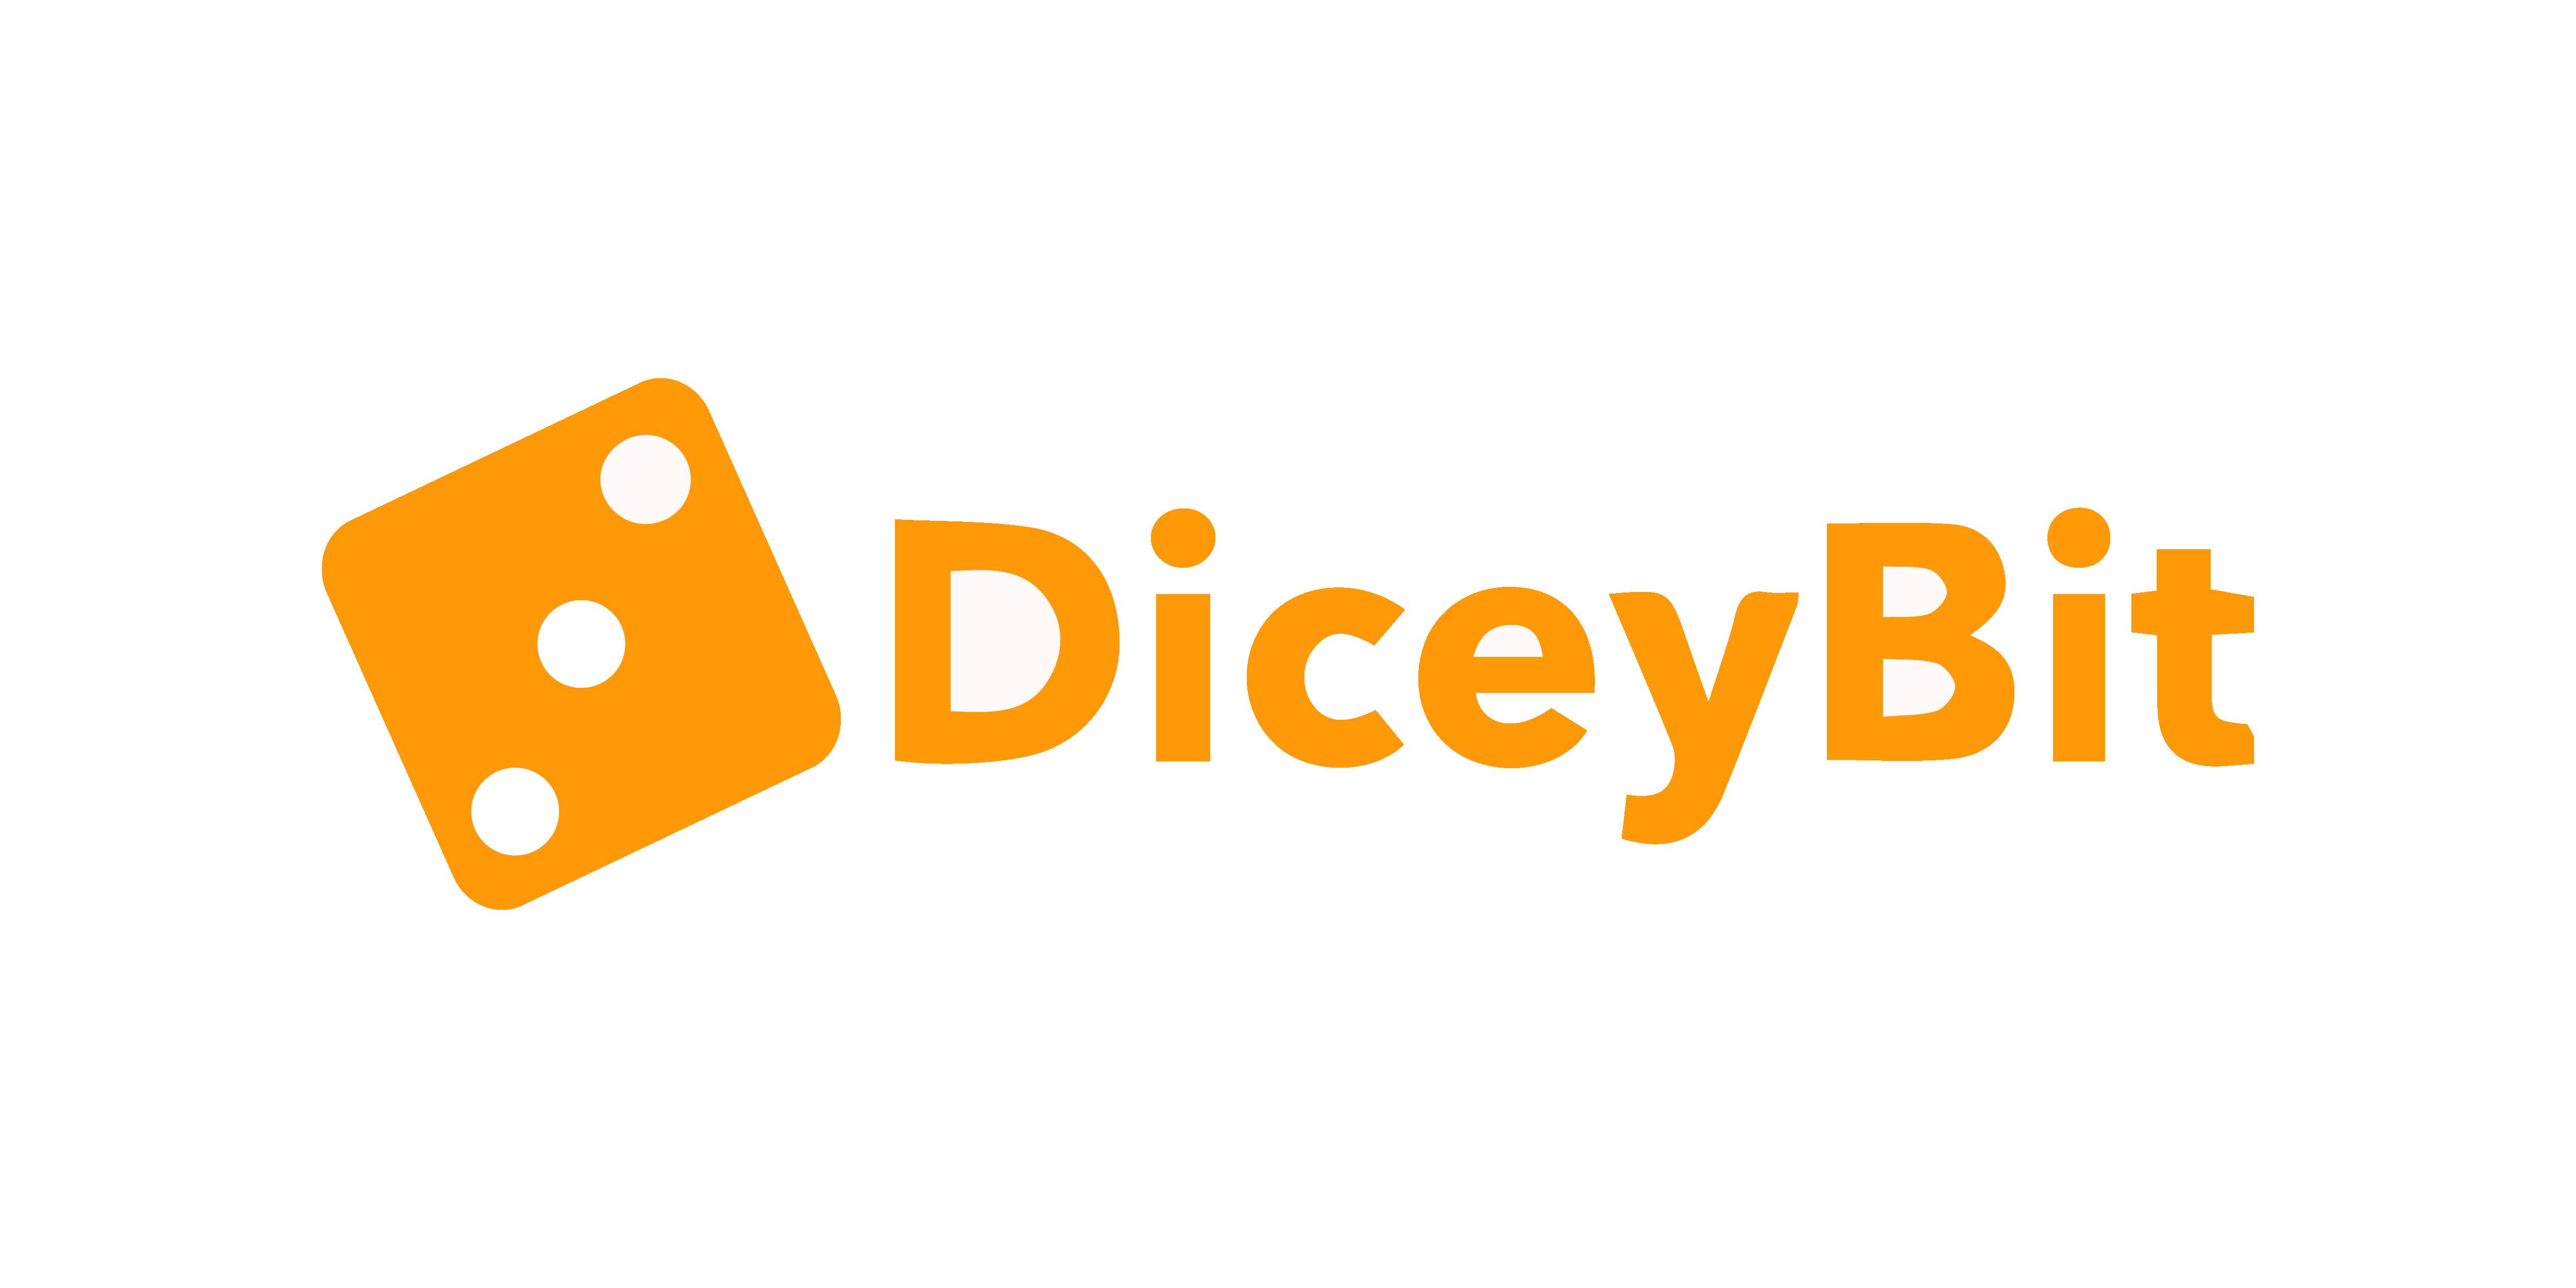 DiceyBit